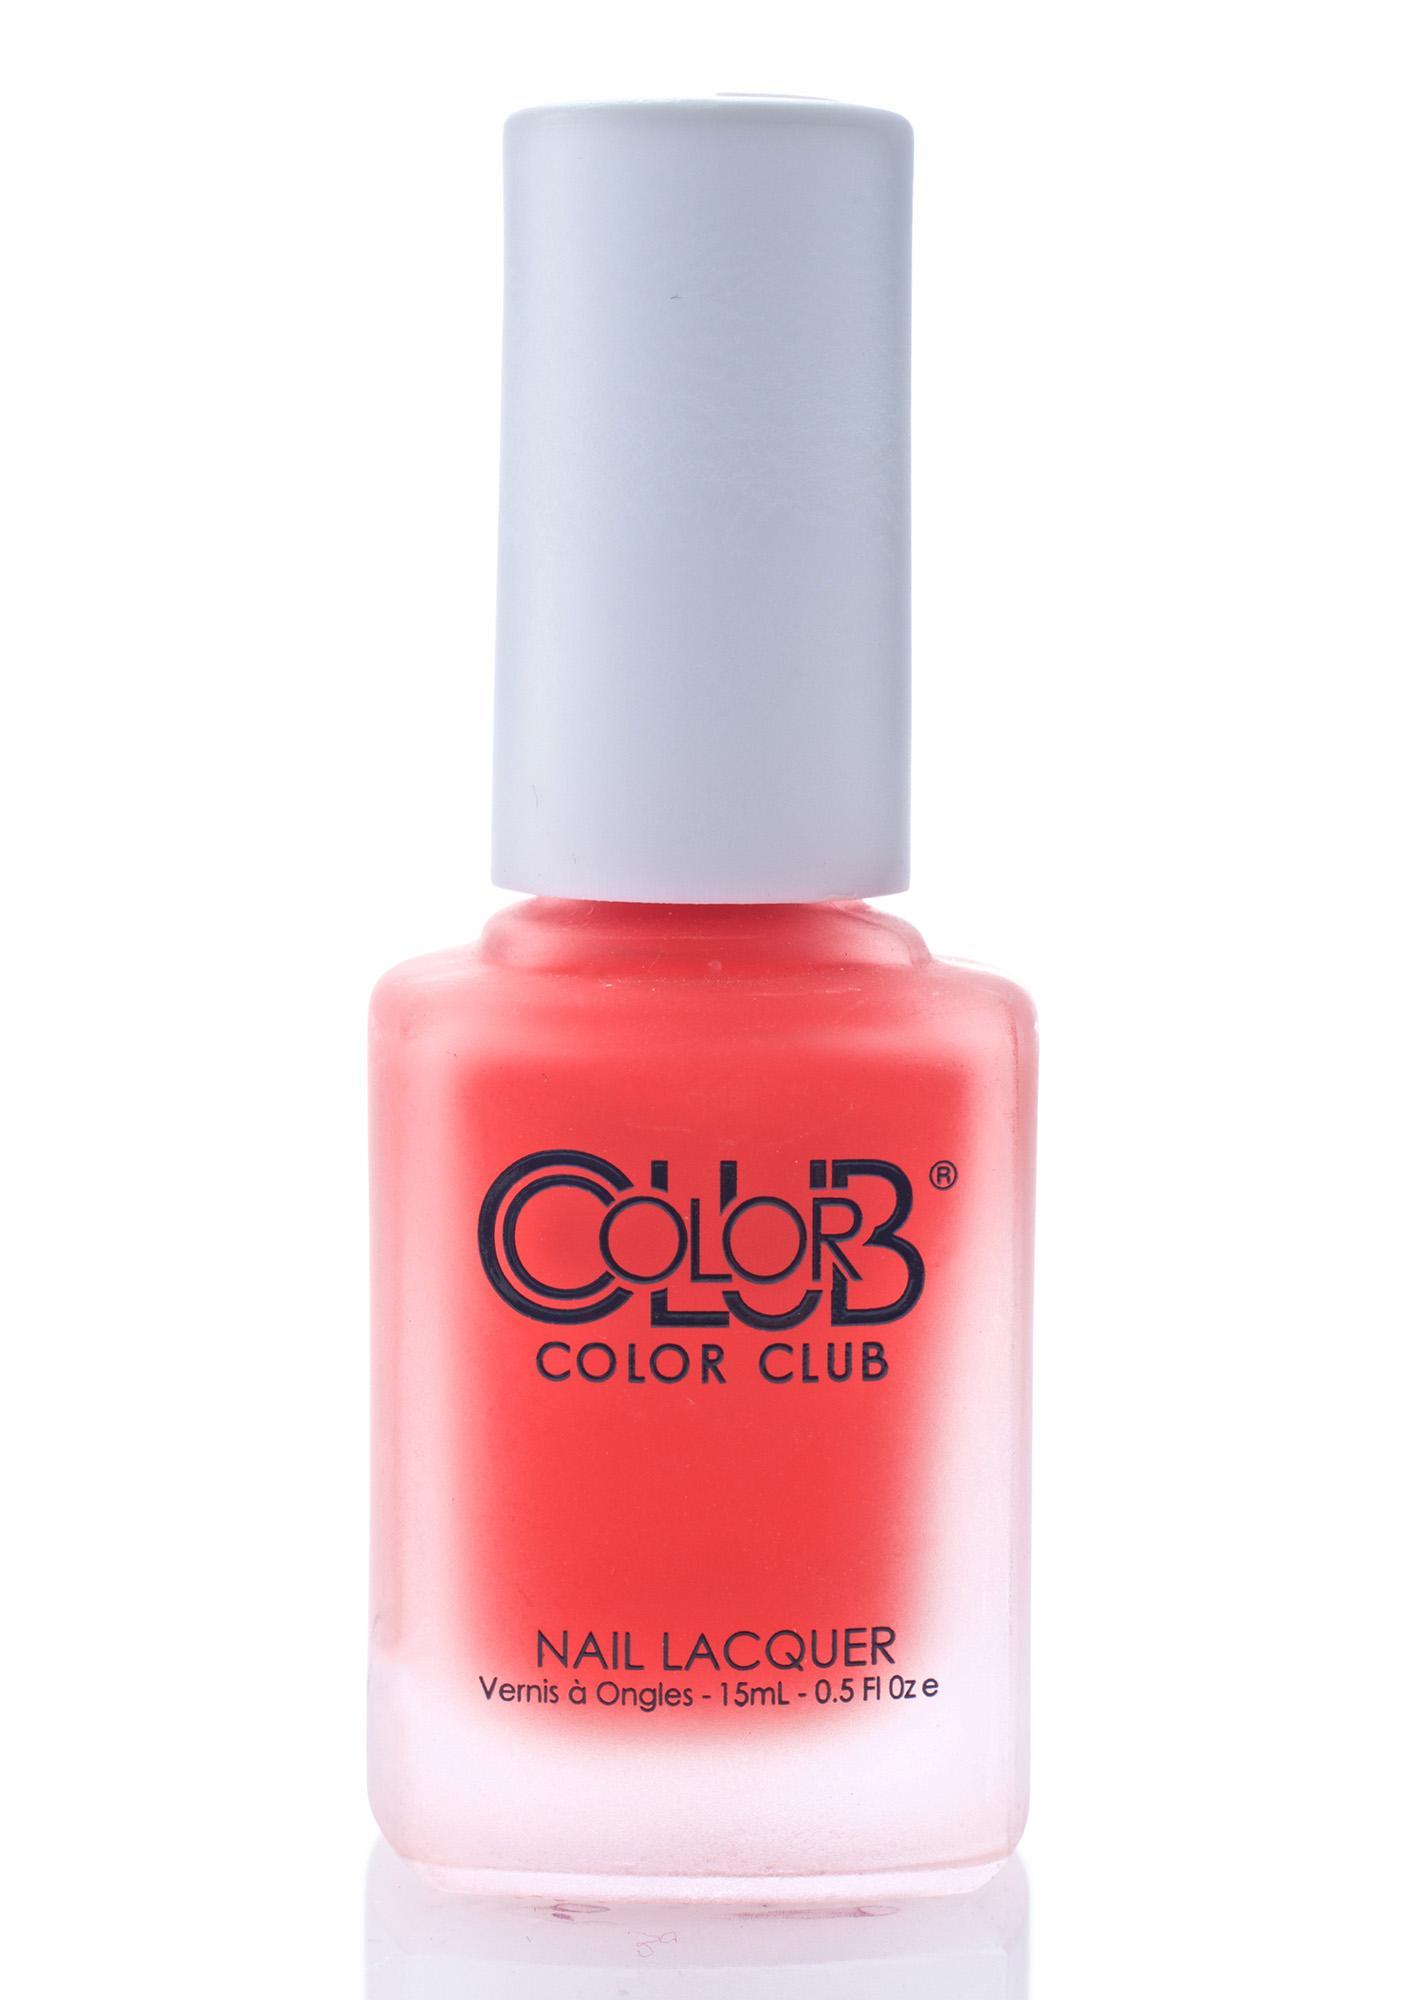 Color Club Perfect Pout Matte Rouge Nail Polish